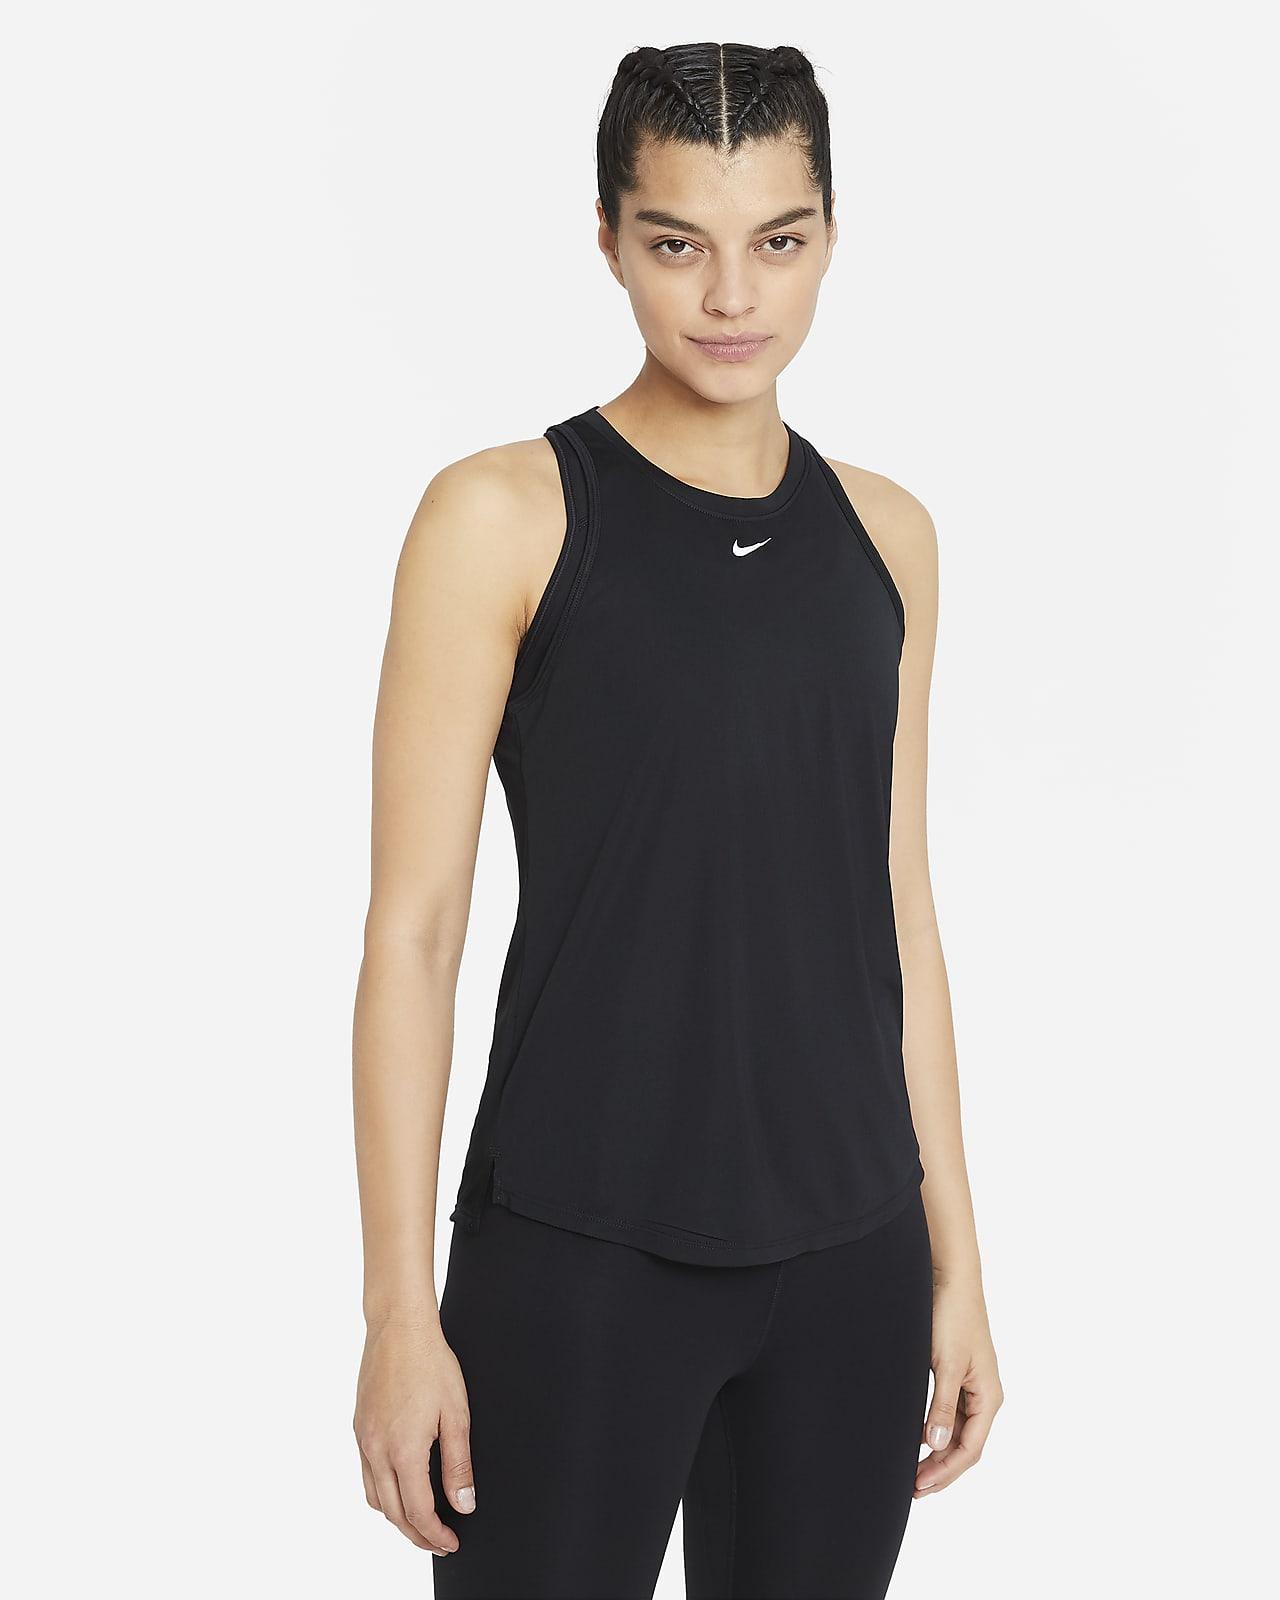 เสื้อกล้ามทรงมาตรฐานผู้หญิง Nike Dri-FIT One